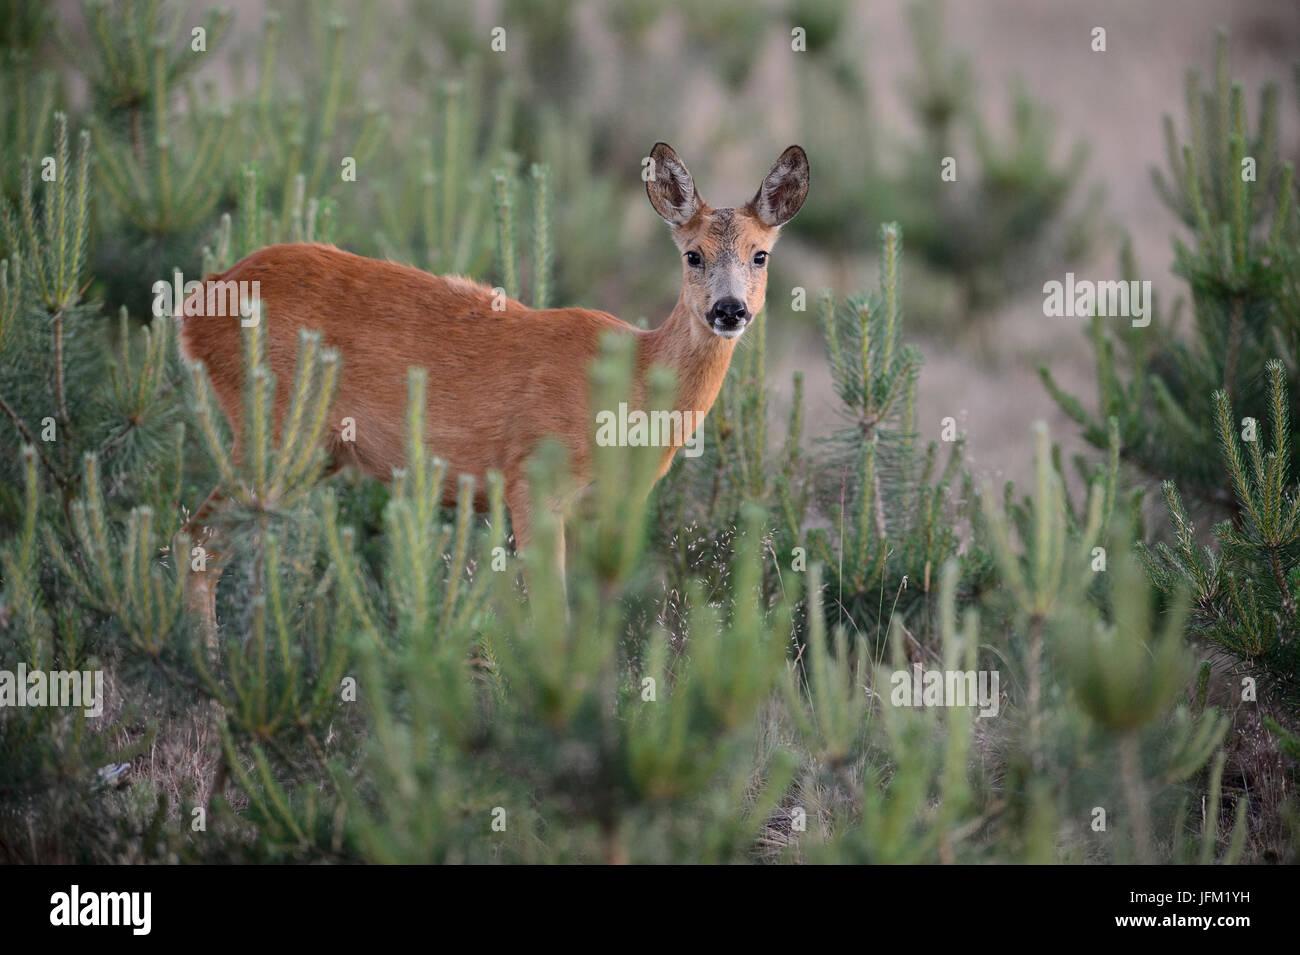 Rehwild weiblich zwischen Youne Kiefern. Nationalpark Hoge Veluwe, Niederlande Stockbild